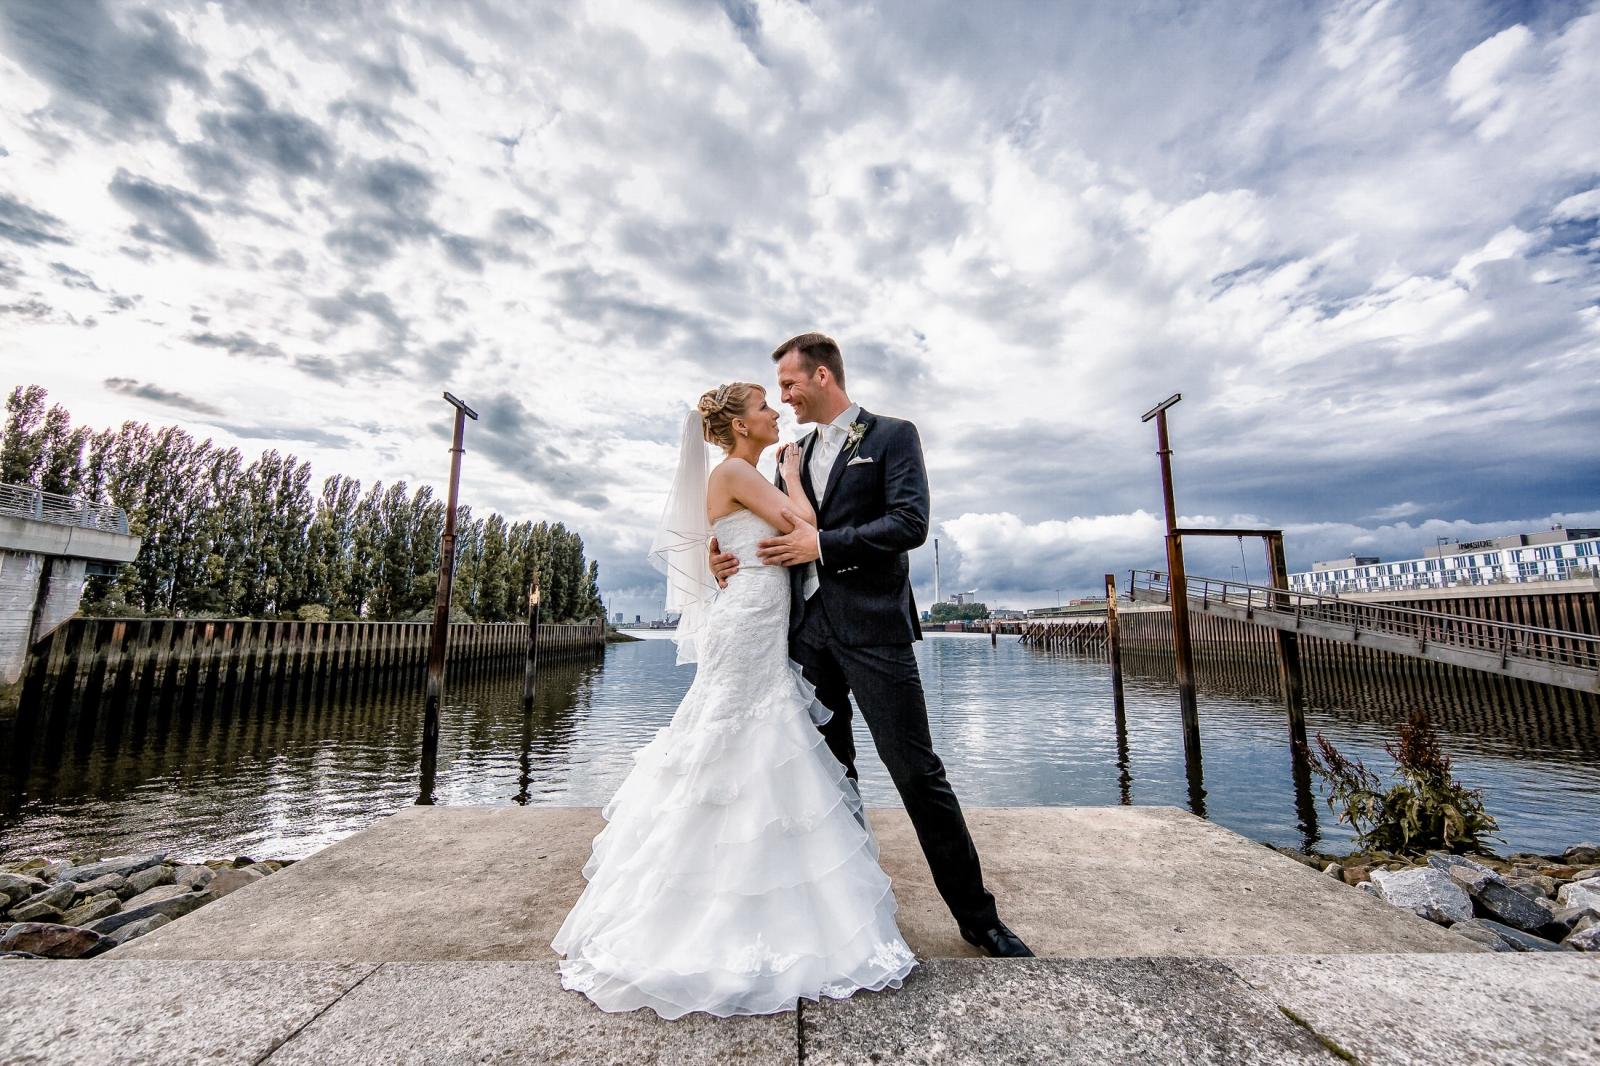 Hochzeitsfotograf Bremen - Brautpaar beim Hochzeitsshooting bei der Waterfront